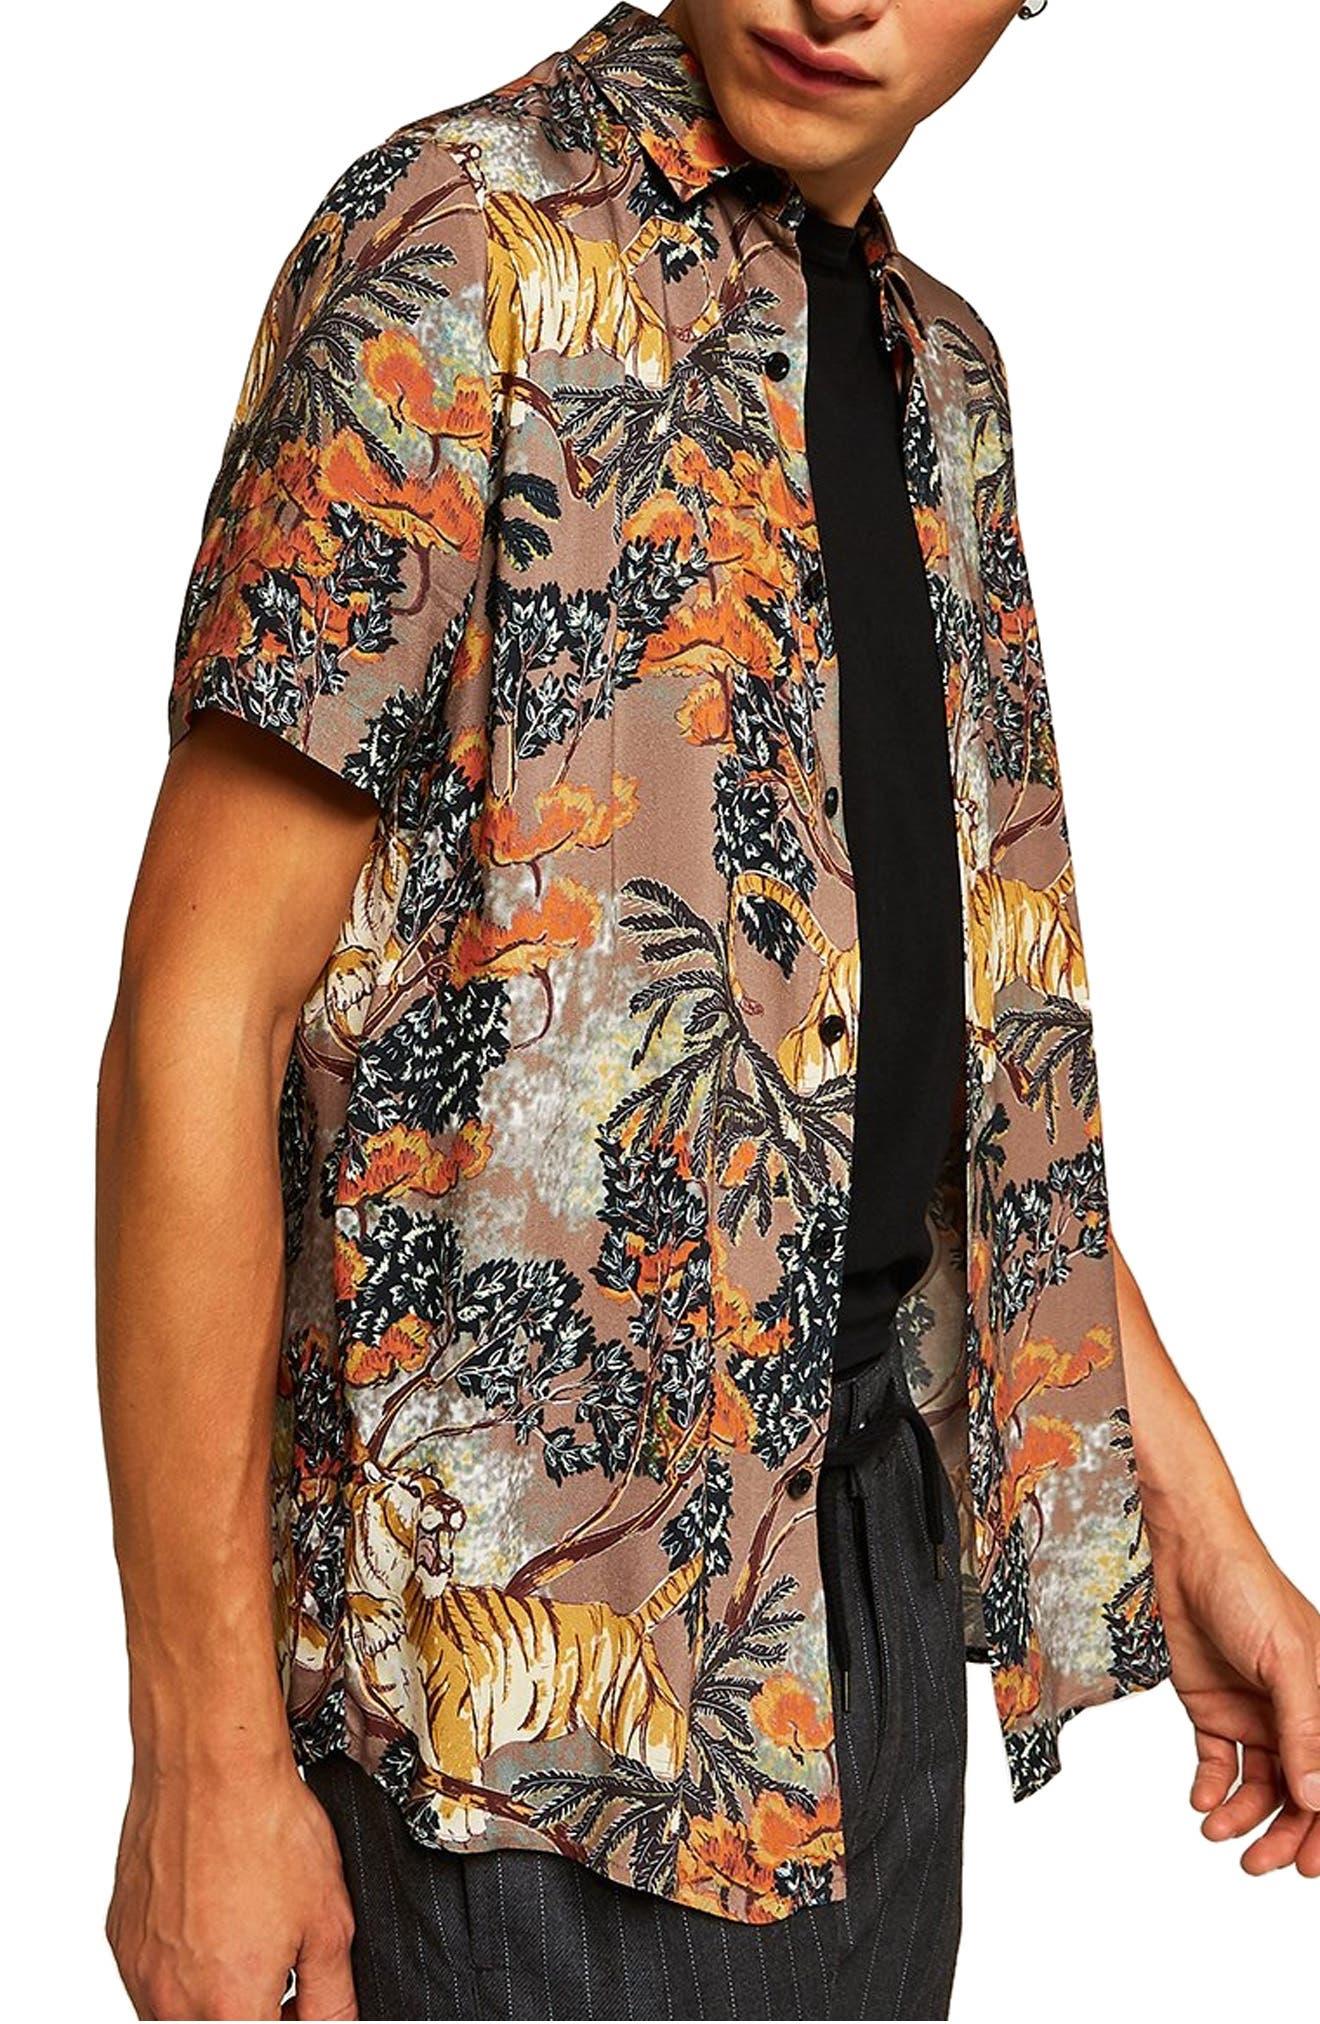 Suburb Tiger Print Shirt,                             Alternate thumbnail 4, color,                             ORANGE MULTI